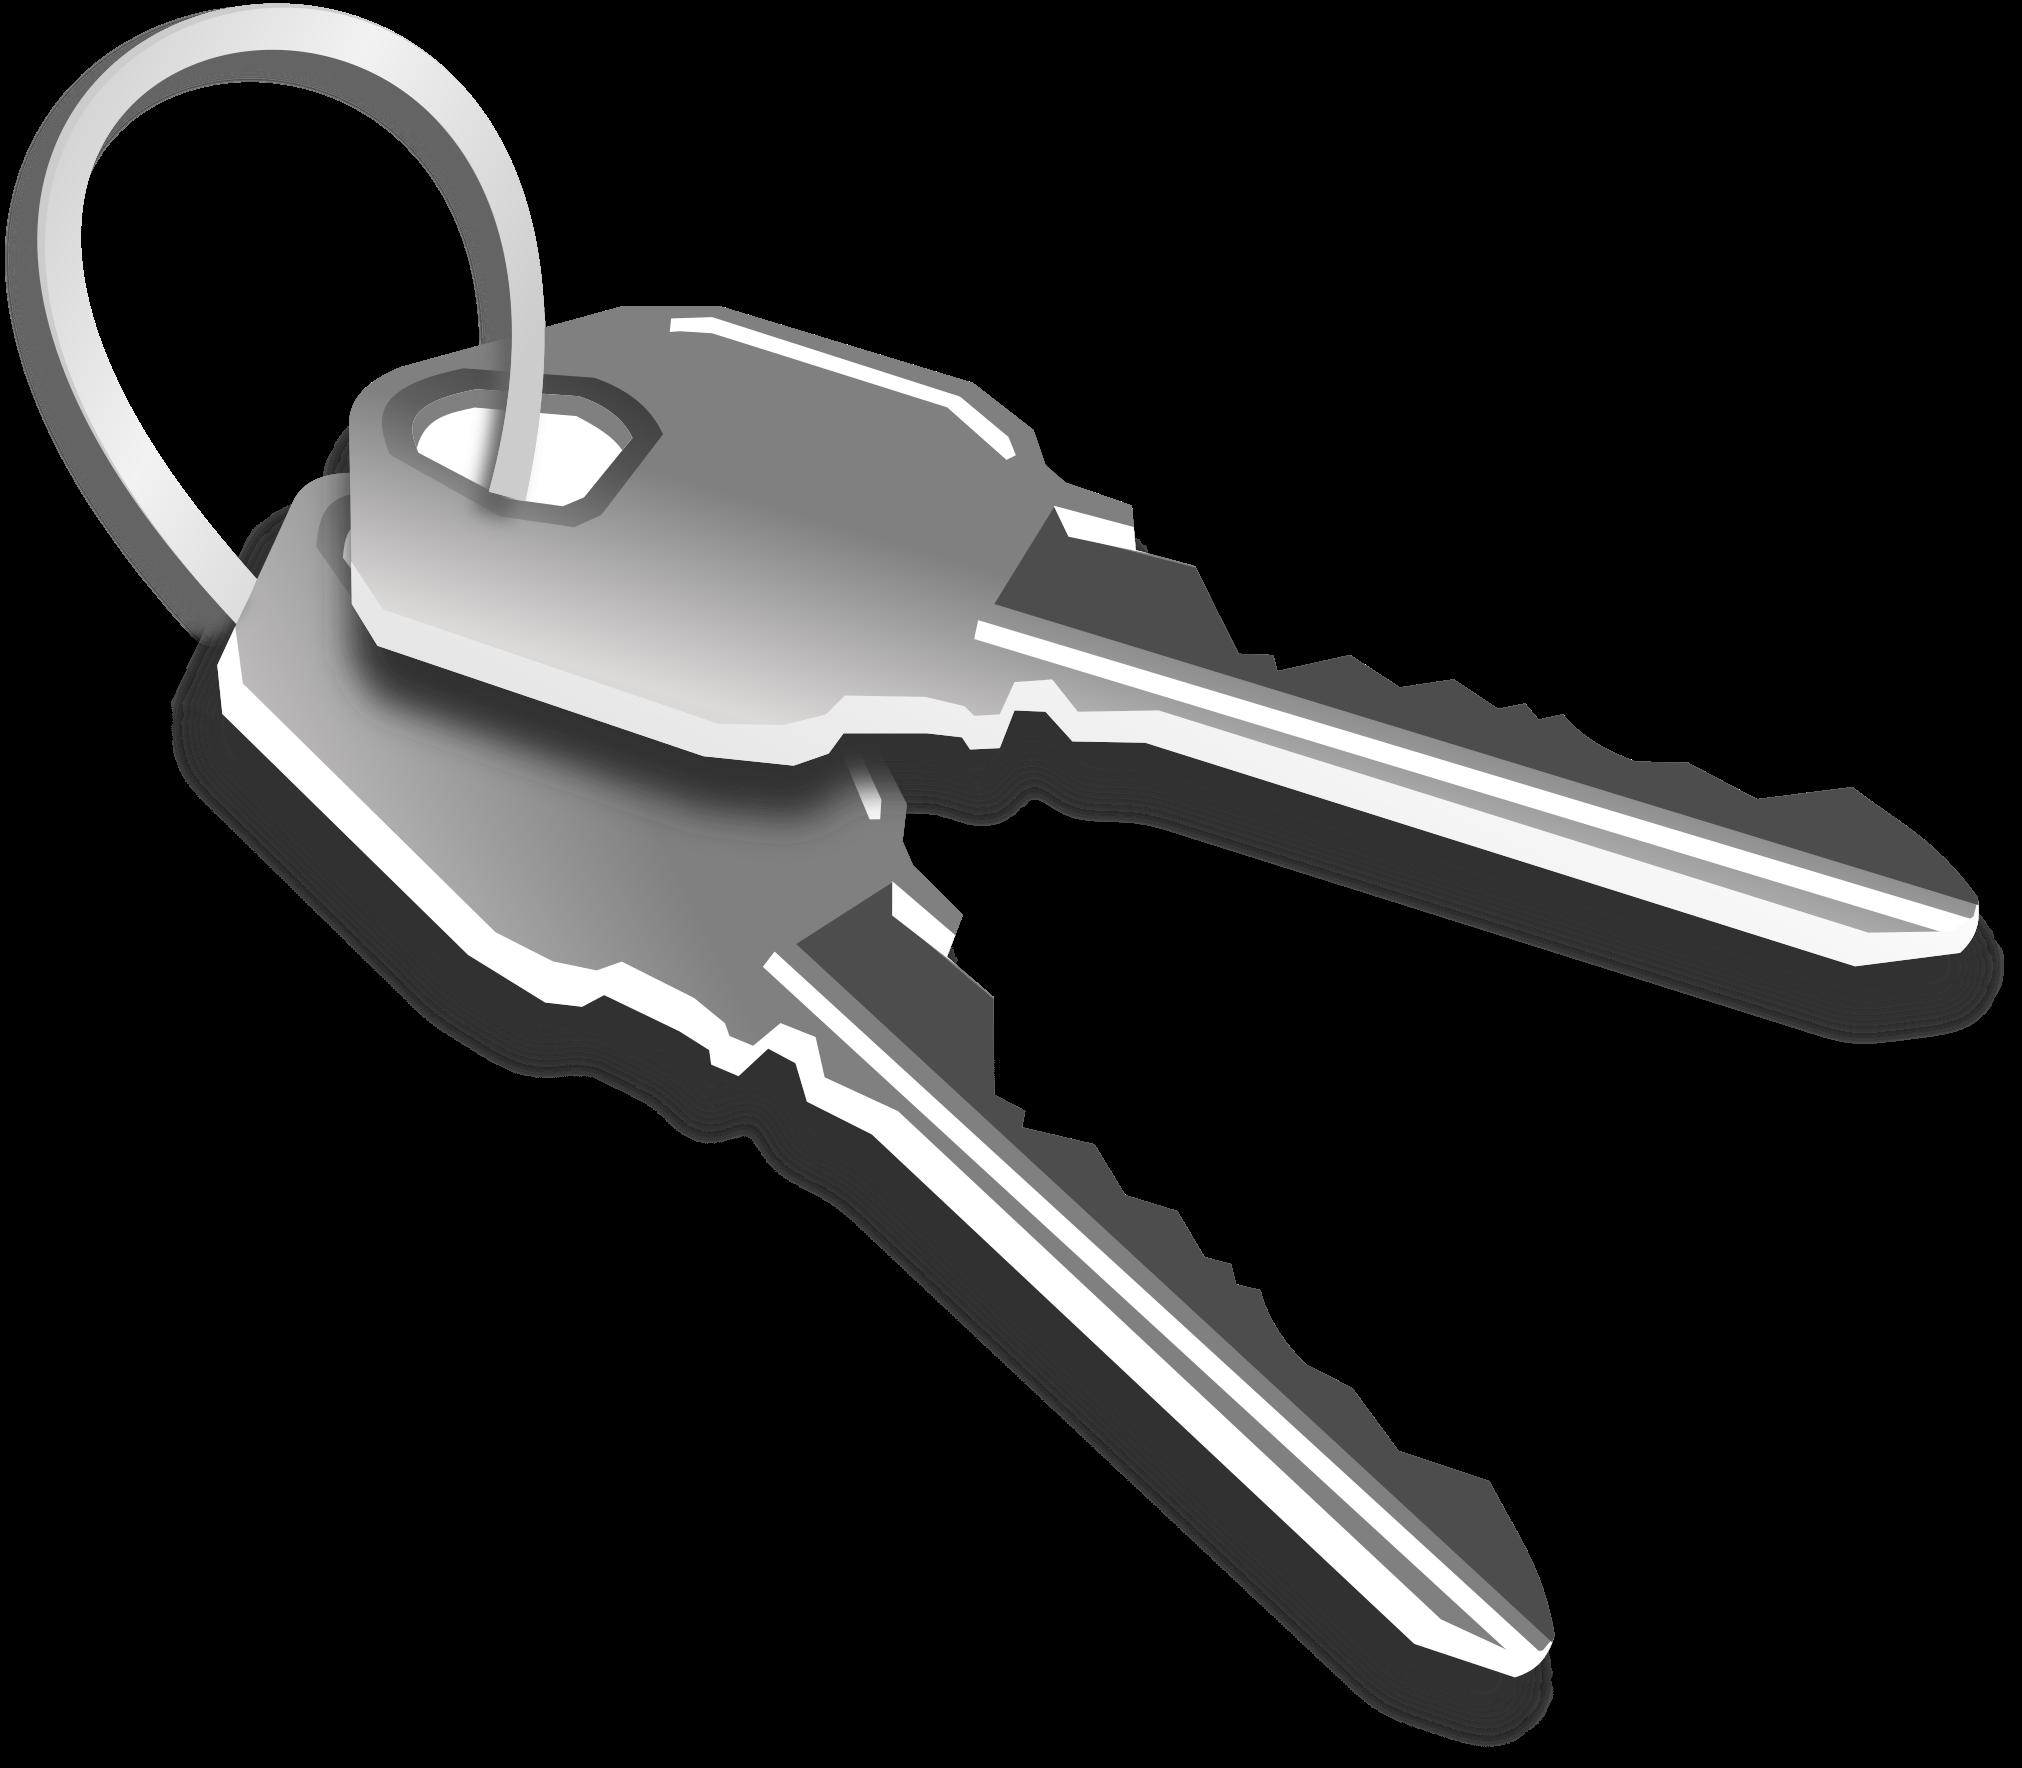 качественные картинки для продажи ключей было решено